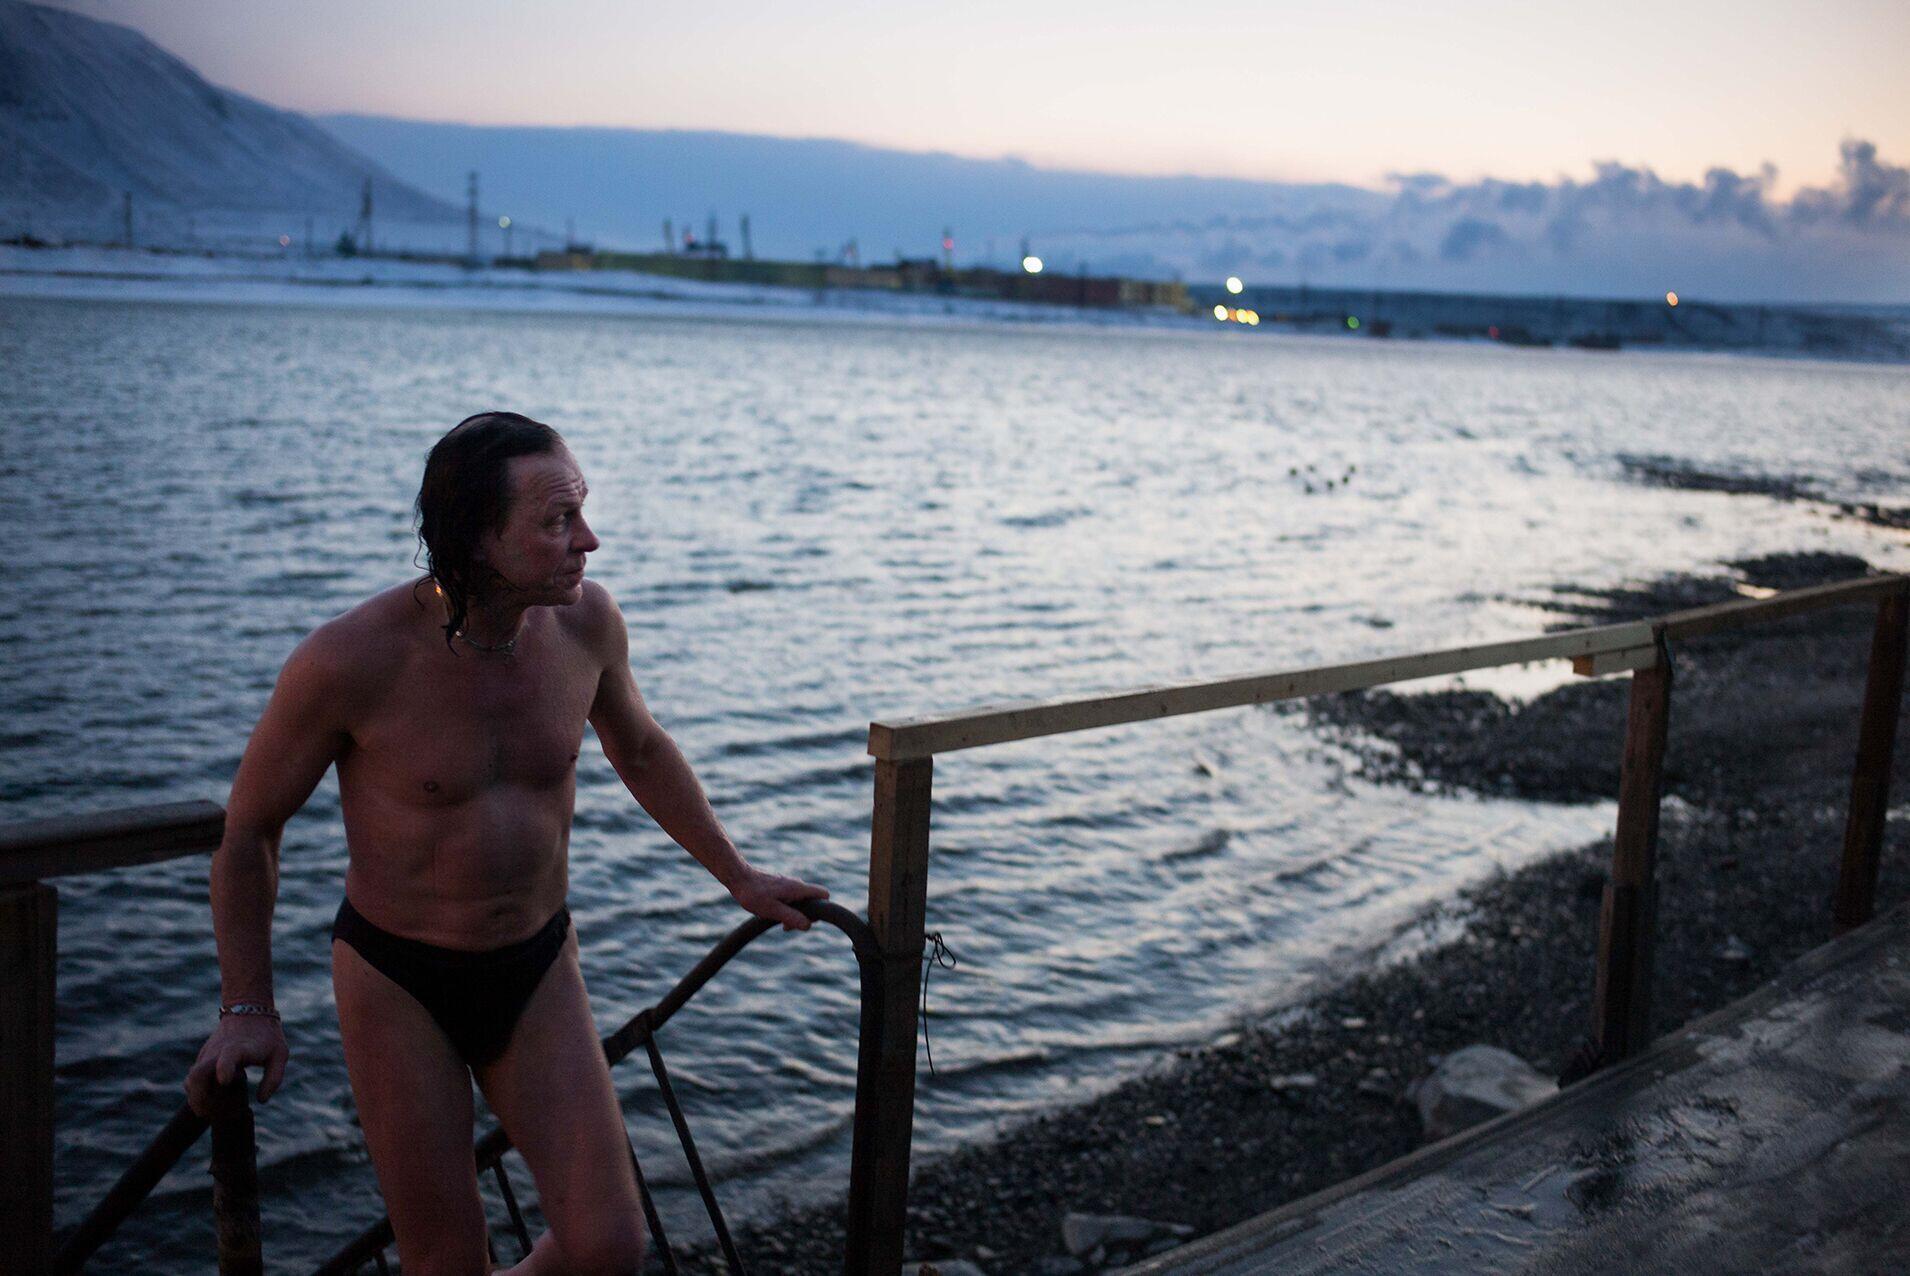 Scène de « Norilsk, l'étreinte de glace », documentaire de François-Xavier Destors sur une cité polaire.